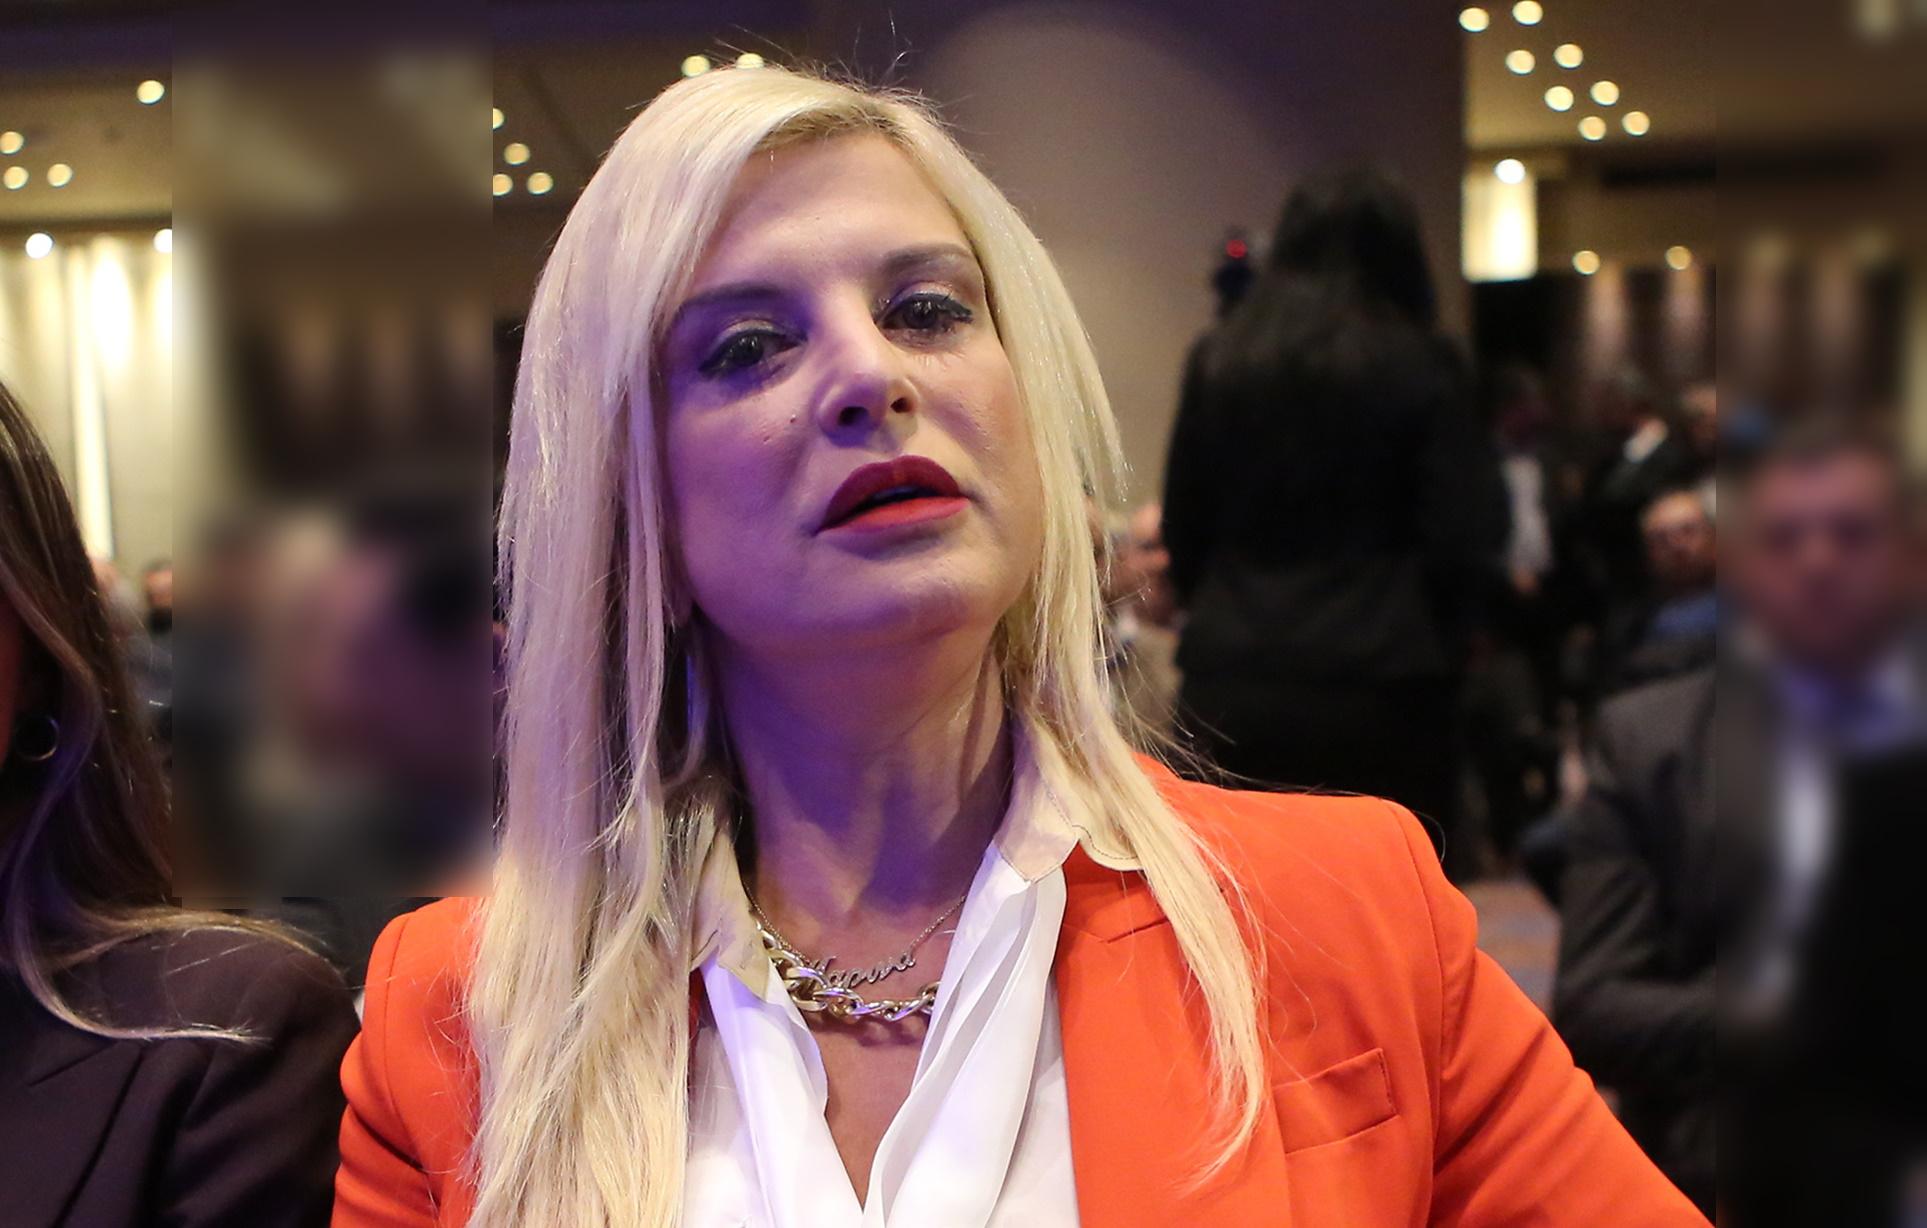 Μαρίνα Πατούλη: Βγήκε από το νοσοκομείο αλλά συνεχίζει τη μάχη με τον κορονοϊό